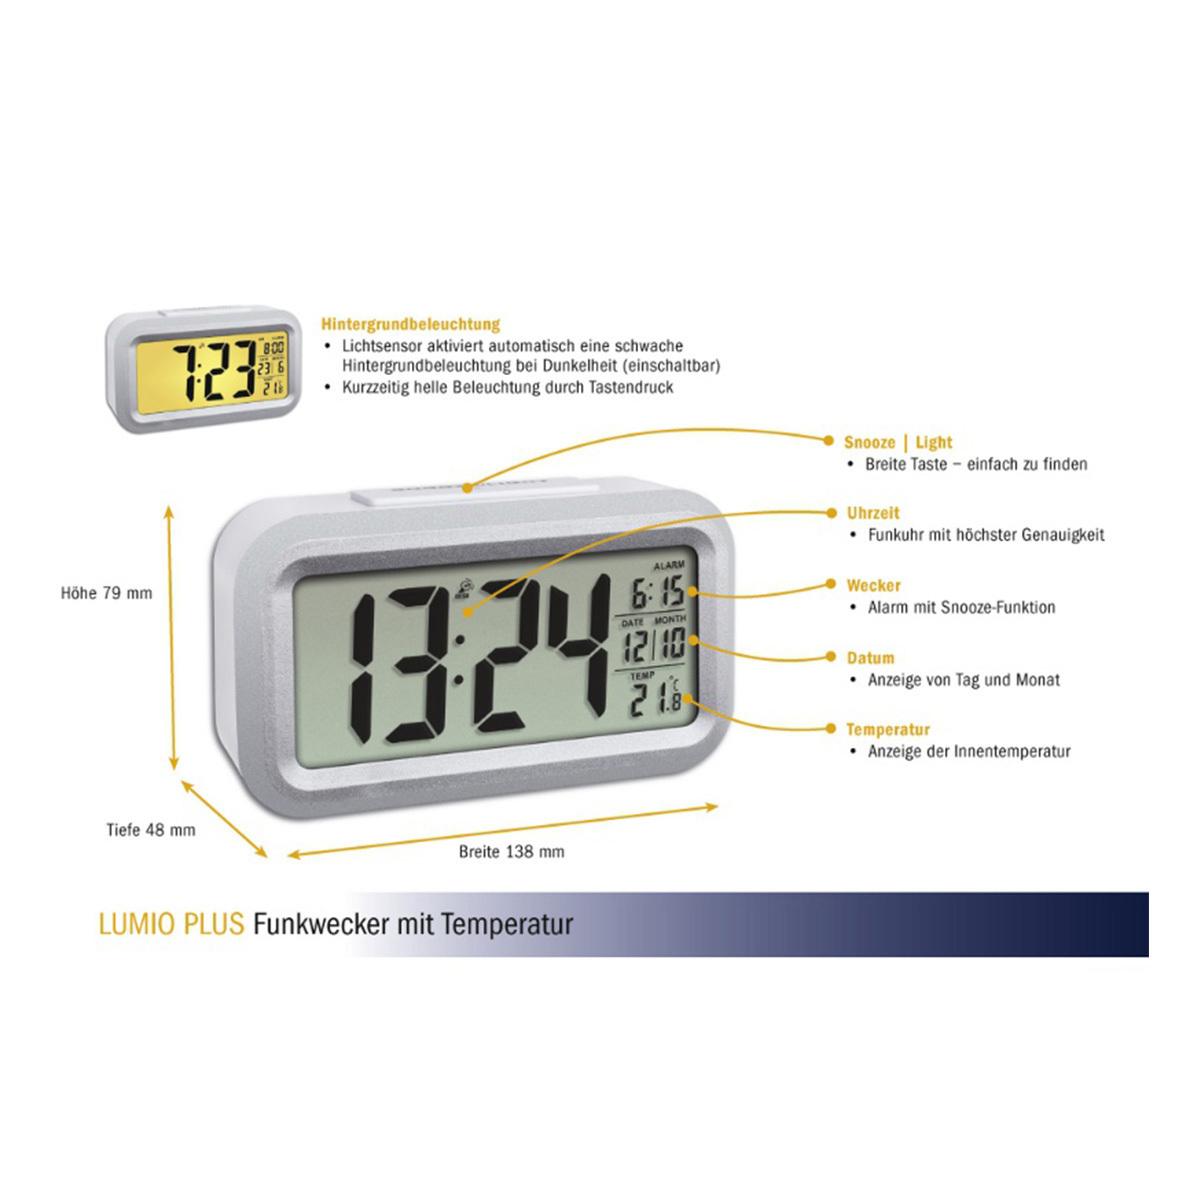 60-2553-02-digitaler-funk-wecker-mit-temperatur-lumio-plus-abmessungen-1200x1200px.jpg